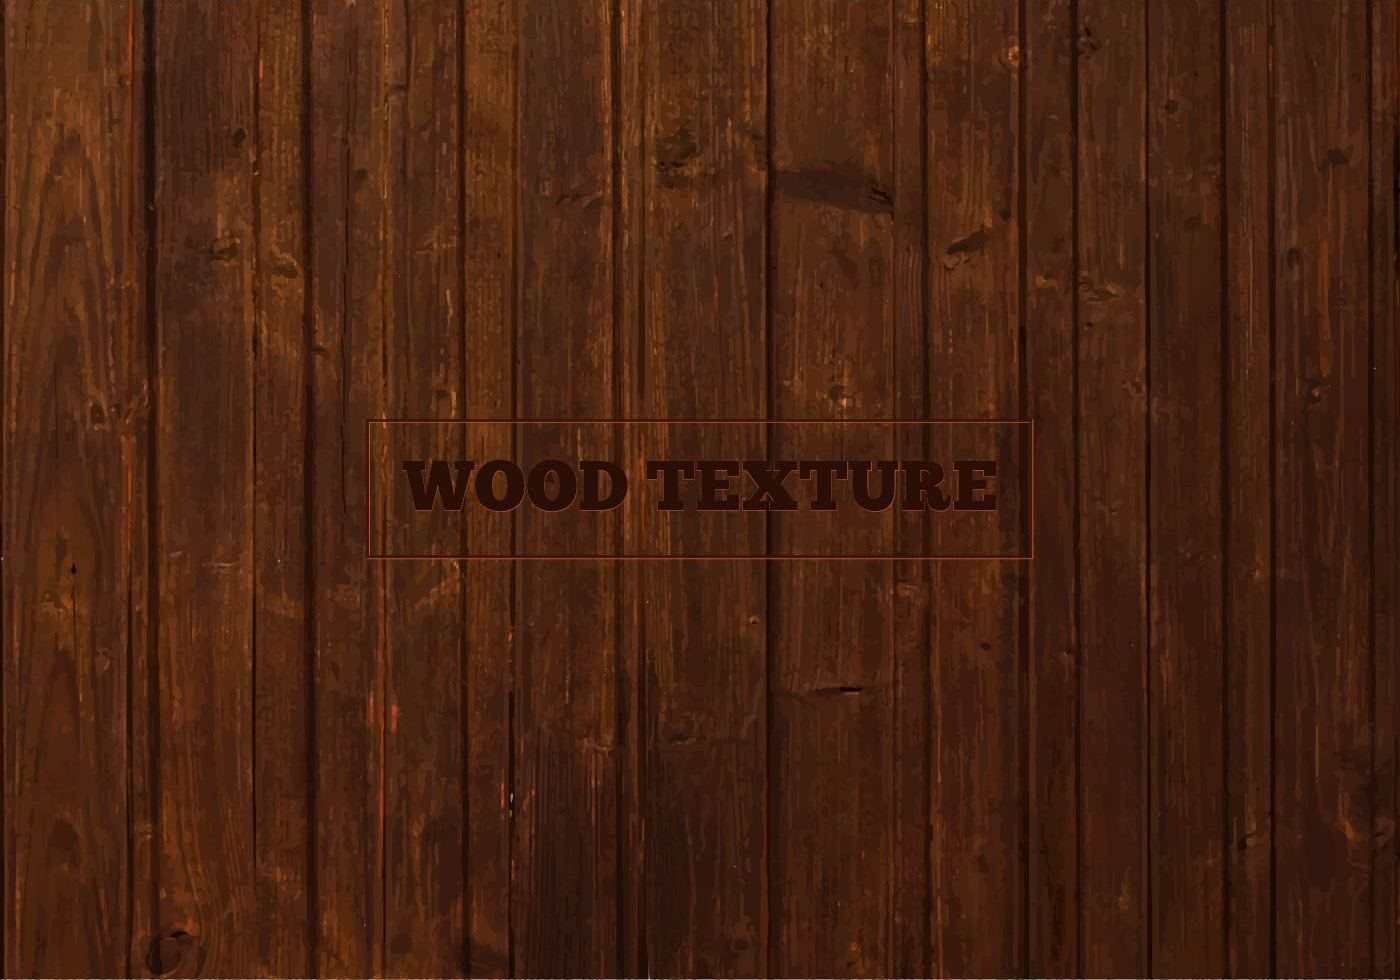 Vector Wood Texture Download Free Vector Art Stock